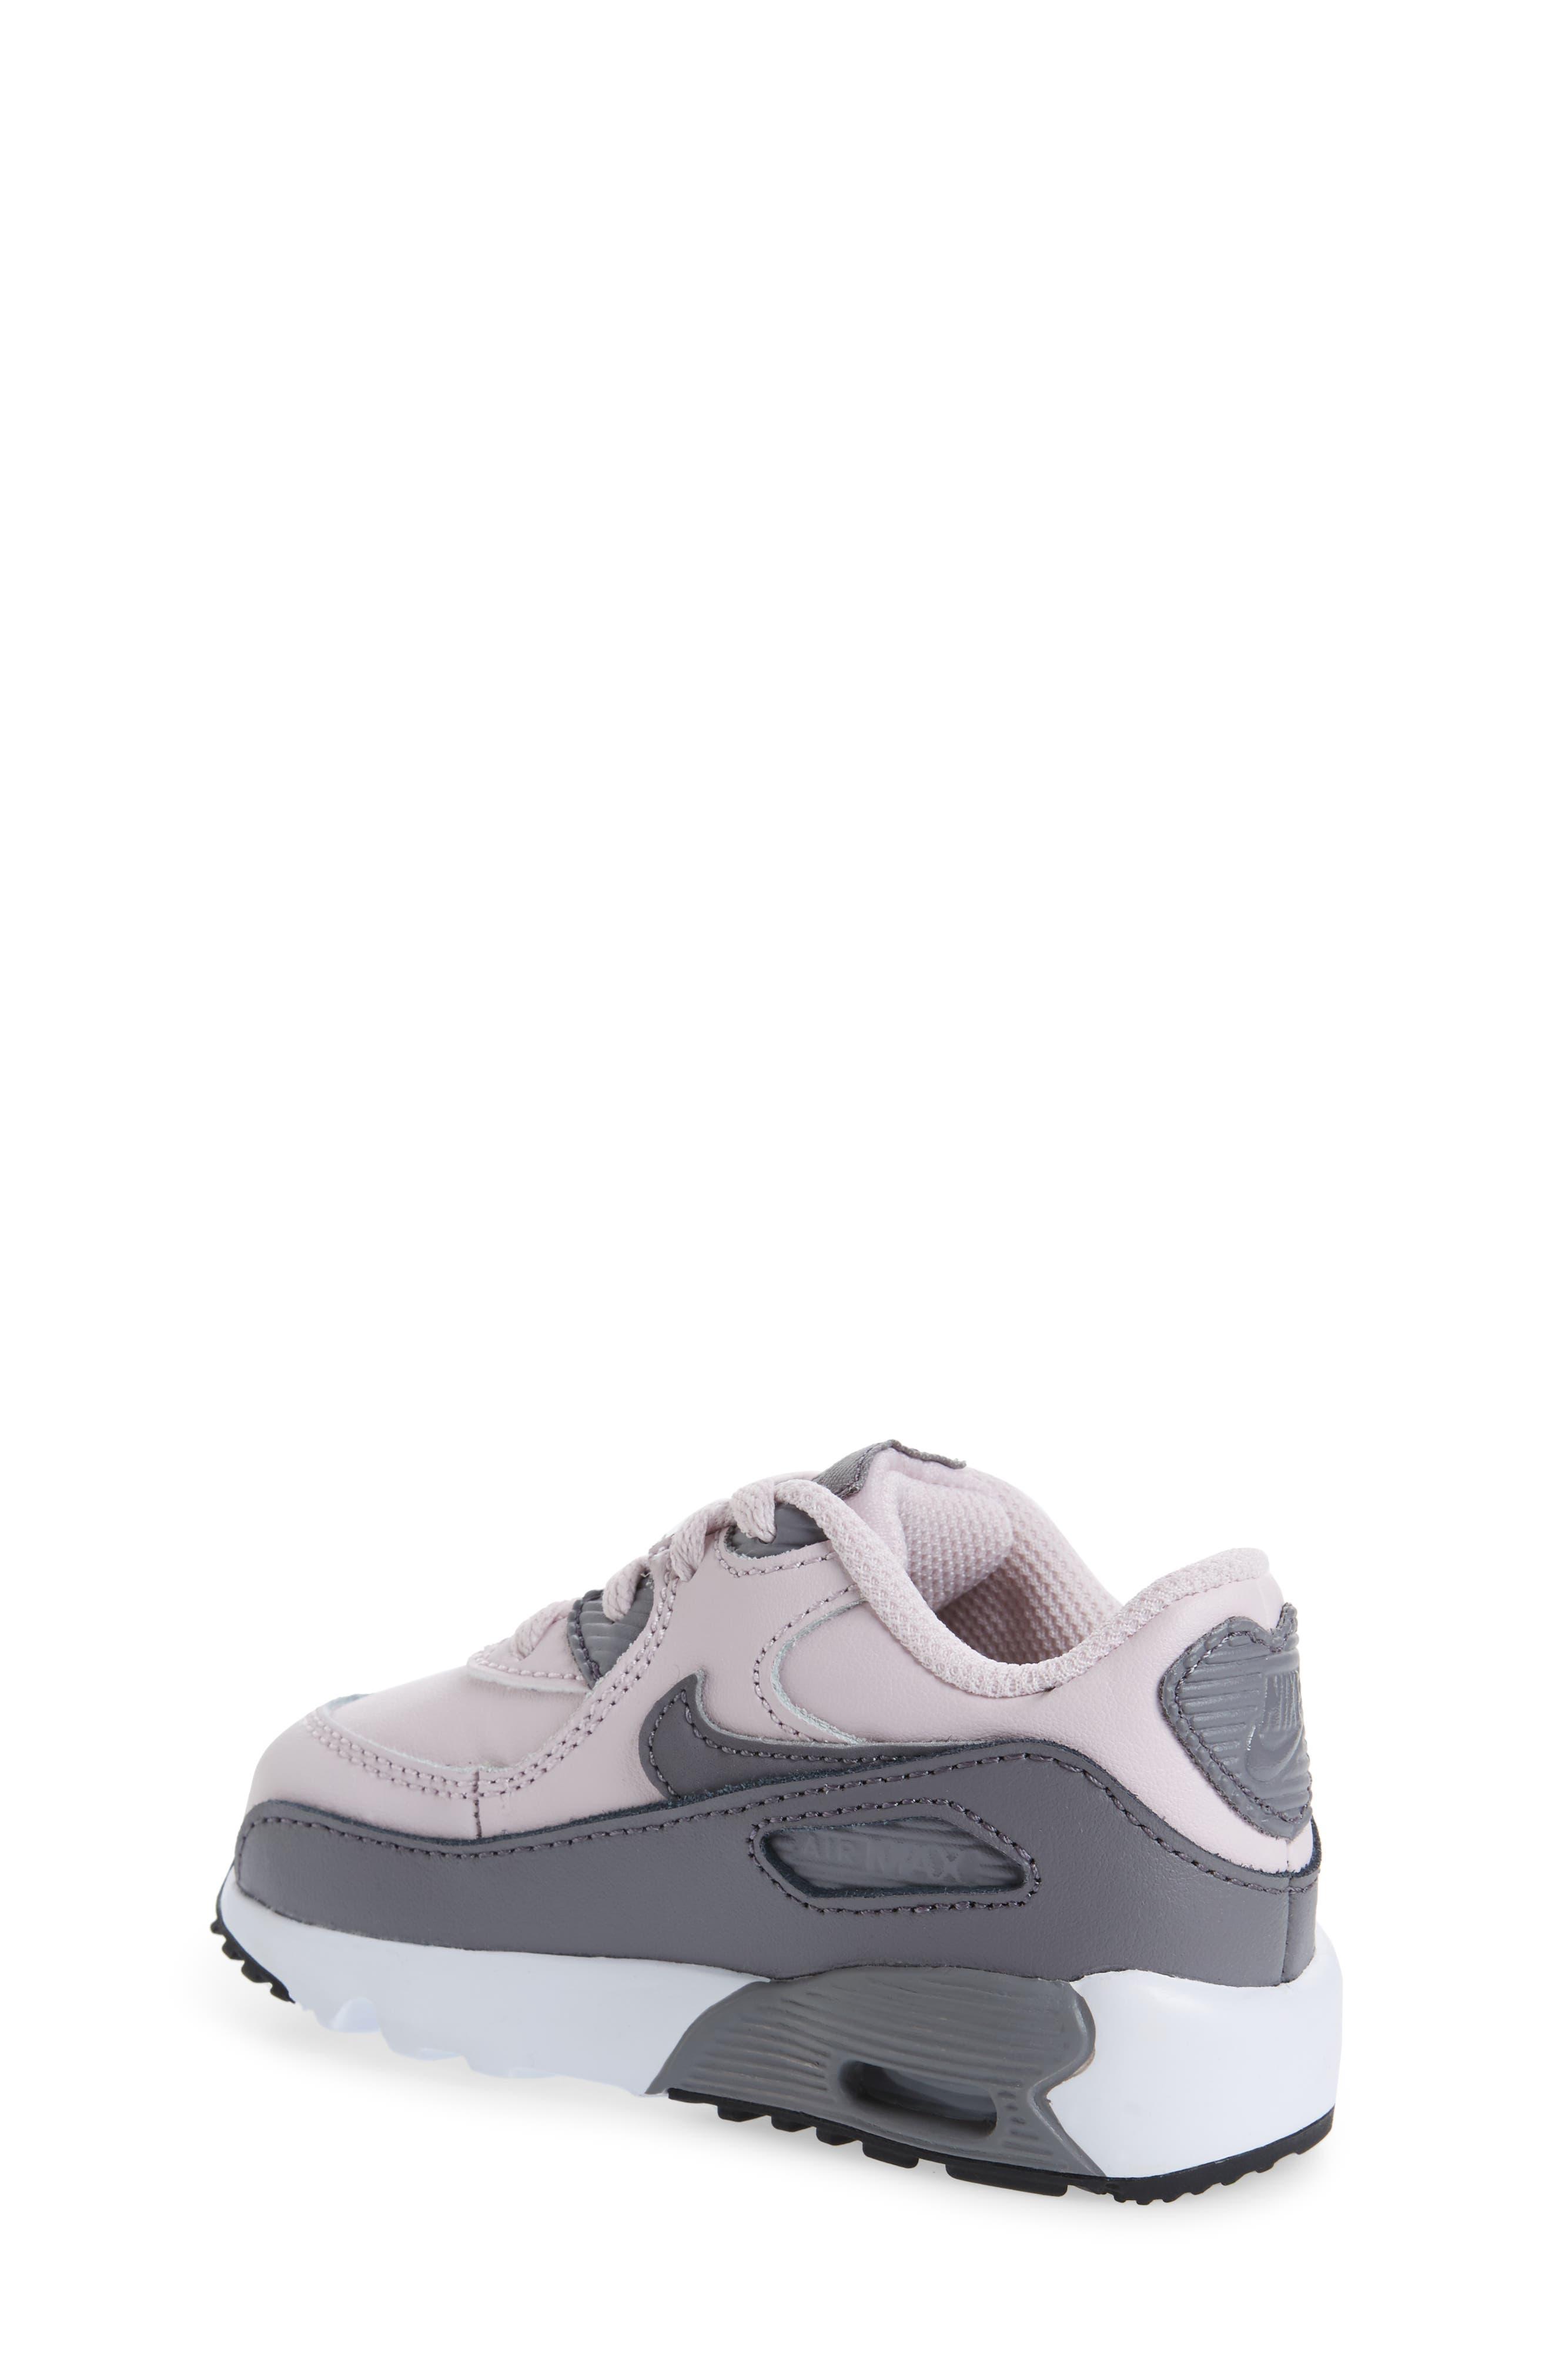 Alternate Image 2  - Nike 'Air Max 90' Sneaker (Baby, Walker, Toddler, Little Kid & Big Kid)